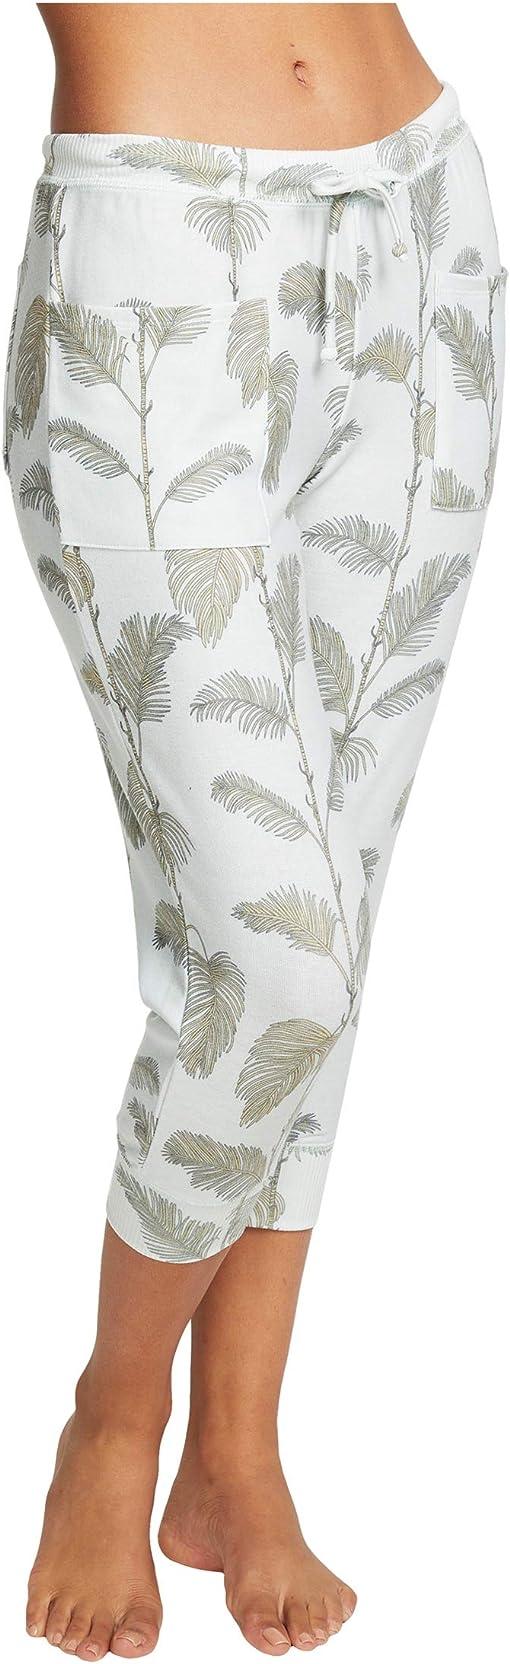 Minty Palms